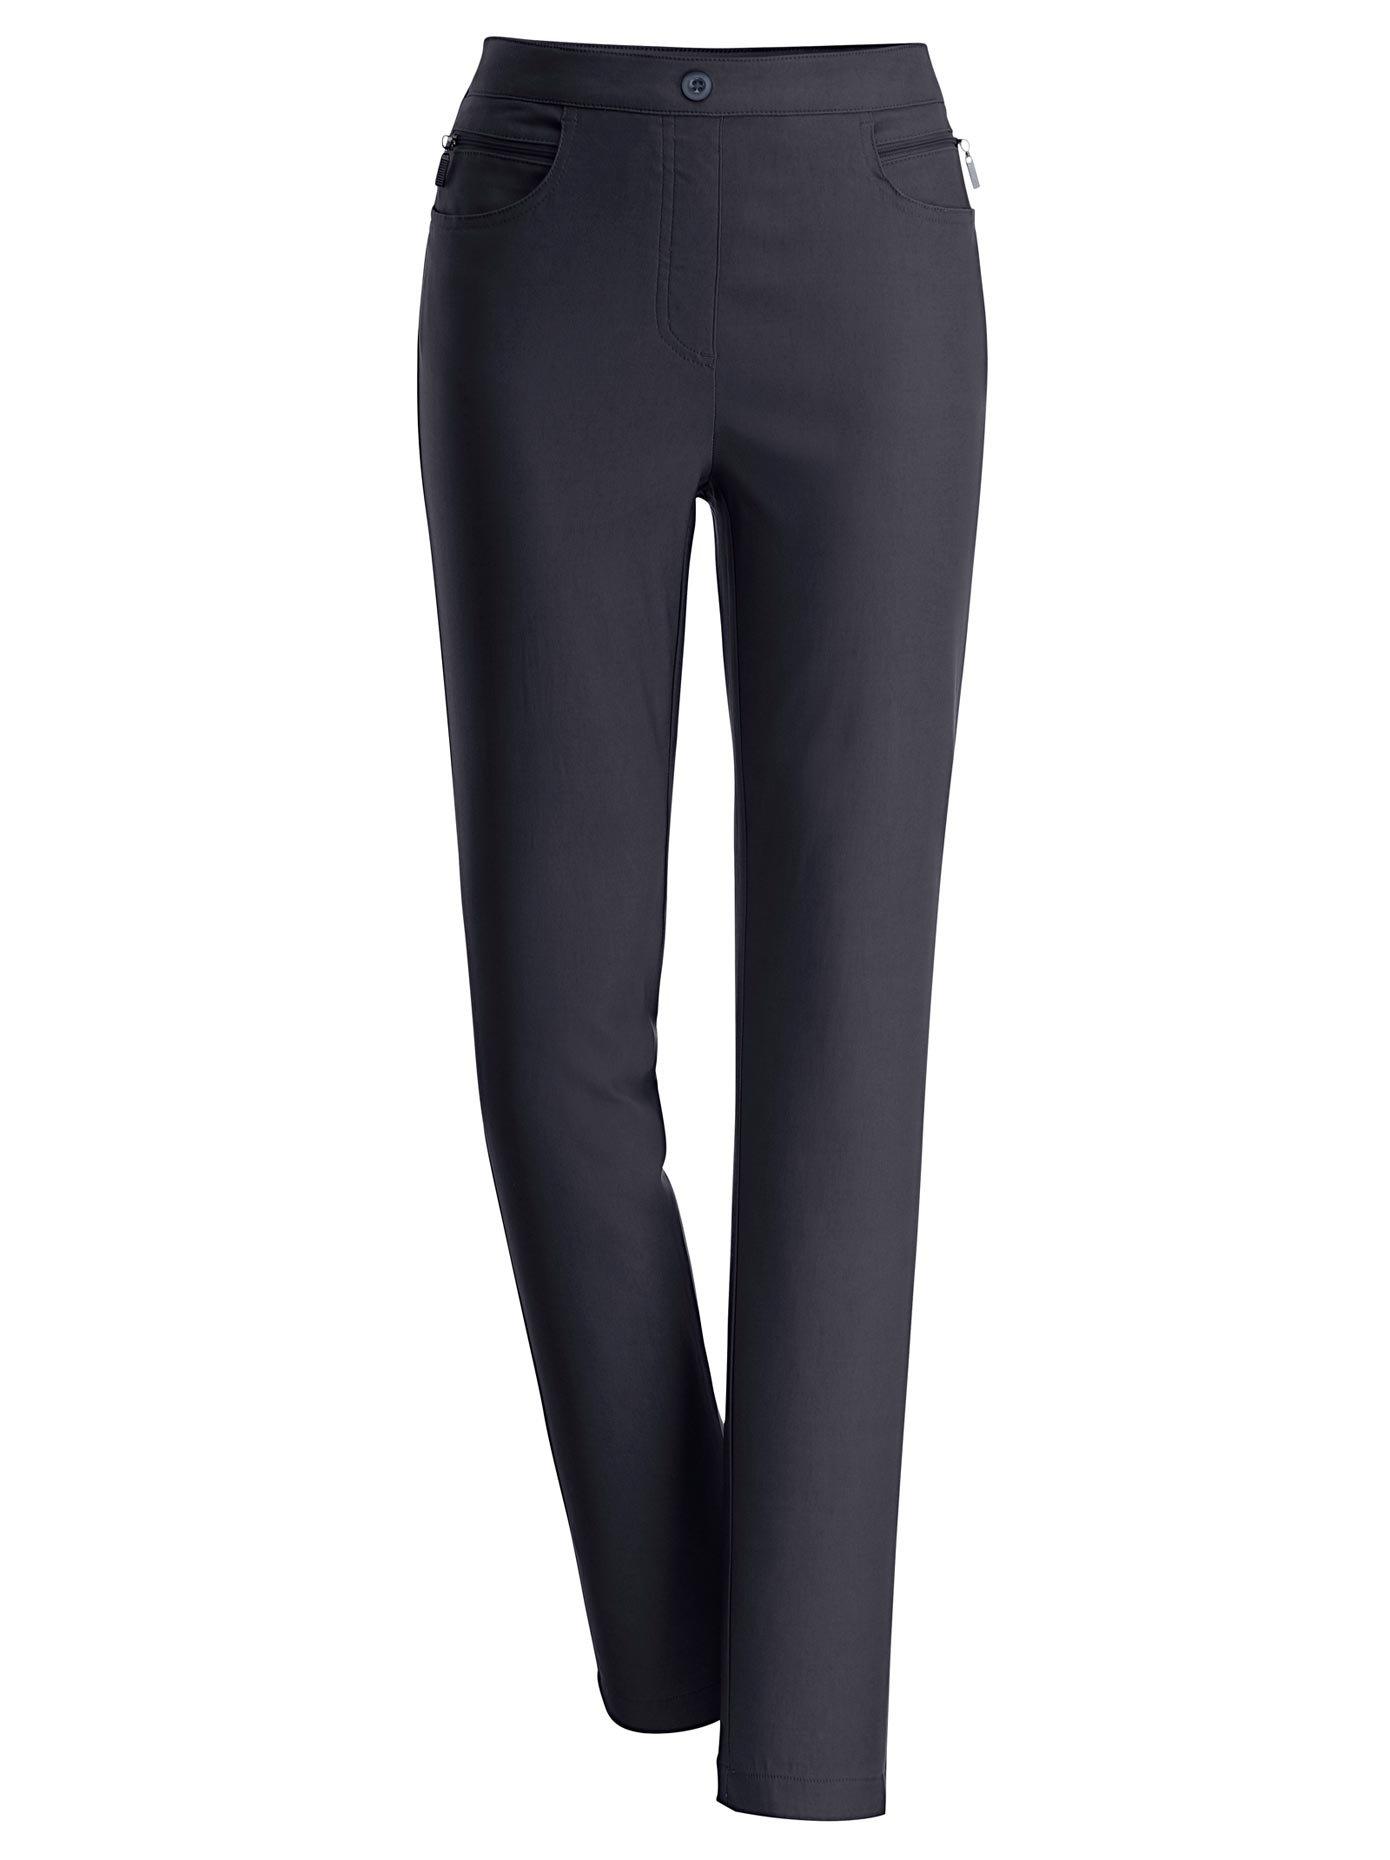 Op zoek naar een Classic Basics stretchbroek? Koop online bij OTTO